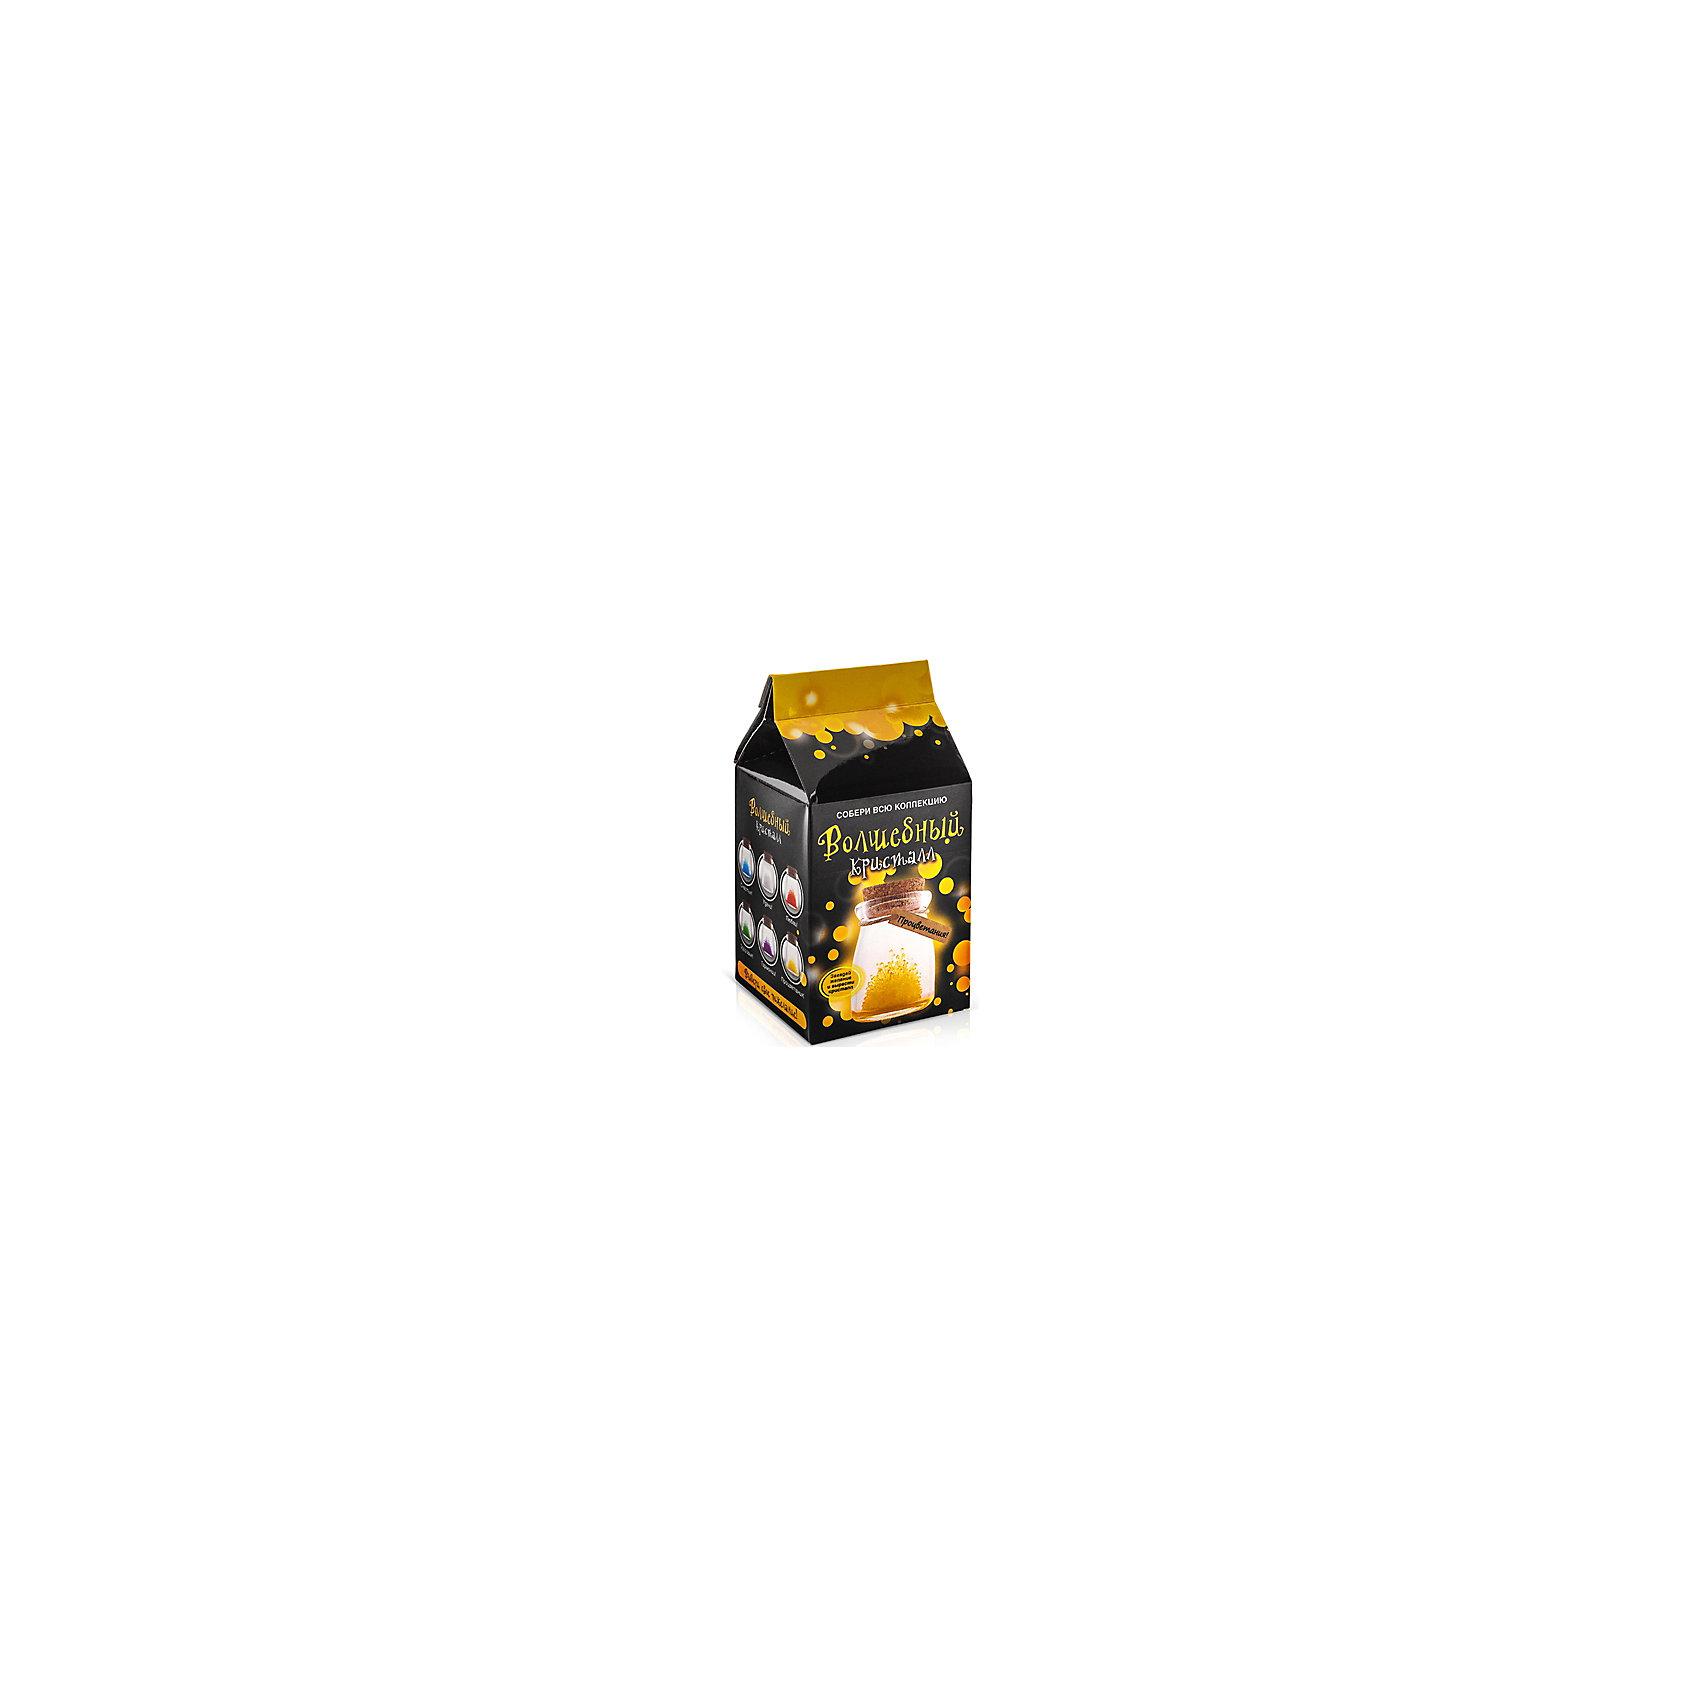 Набор для выращивания кристалов Кристалл с пожеланием Процветания БумбарамКристаллы<br>Кристалл с пожеланием Процветания, Бумбарам.<br><br>Характеристики:<br><br>• кристалл в красивой подарочной упаковке<br>• этикетка с пожеланием<br>• легко создать<br>• безопасные материалы<br>• пошаговая инструкция<br>• в наборе: баночка, кристаллический порошок, кристаллическая таблетка, • палочка, веревочка, пробка, карточка, инструкция<br>• размер упаковки: 15х8 см<br>• вес: 250 грамм<br>• цвет: желтый<br><br>Хотите создать оригинальный подарок своими руками? Кристалл с пожеланием Процветания отлично справится с этой задачей. Этот набор безопасен и очень прост в использовании. Всыпьте порошок в баночку, добавьте воды, тщательно перемешайте и опустите в готовый раствор таблетку. Через 14 часов можно открыть крышку и уже через некоторое время прекрасная композиция будет готова. Вам останется только закрыть крышку и прикрепить веревочку с карточкой. Химический опыт закончен - прекрасный подарок готов!<br><br>Кристалл с пожеланием Процветания, Бумбарам вы можете купить в нашем интернет-магазине.<br><br>Ширина мм: 75<br>Глубина мм: 75<br>Высота мм: 150<br>Вес г: 250<br>Возраст от месяцев: 168<br>Возраст до месяцев: 240<br>Пол: Унисекс<br>Возраст: Детский<br>SKU: 5053939